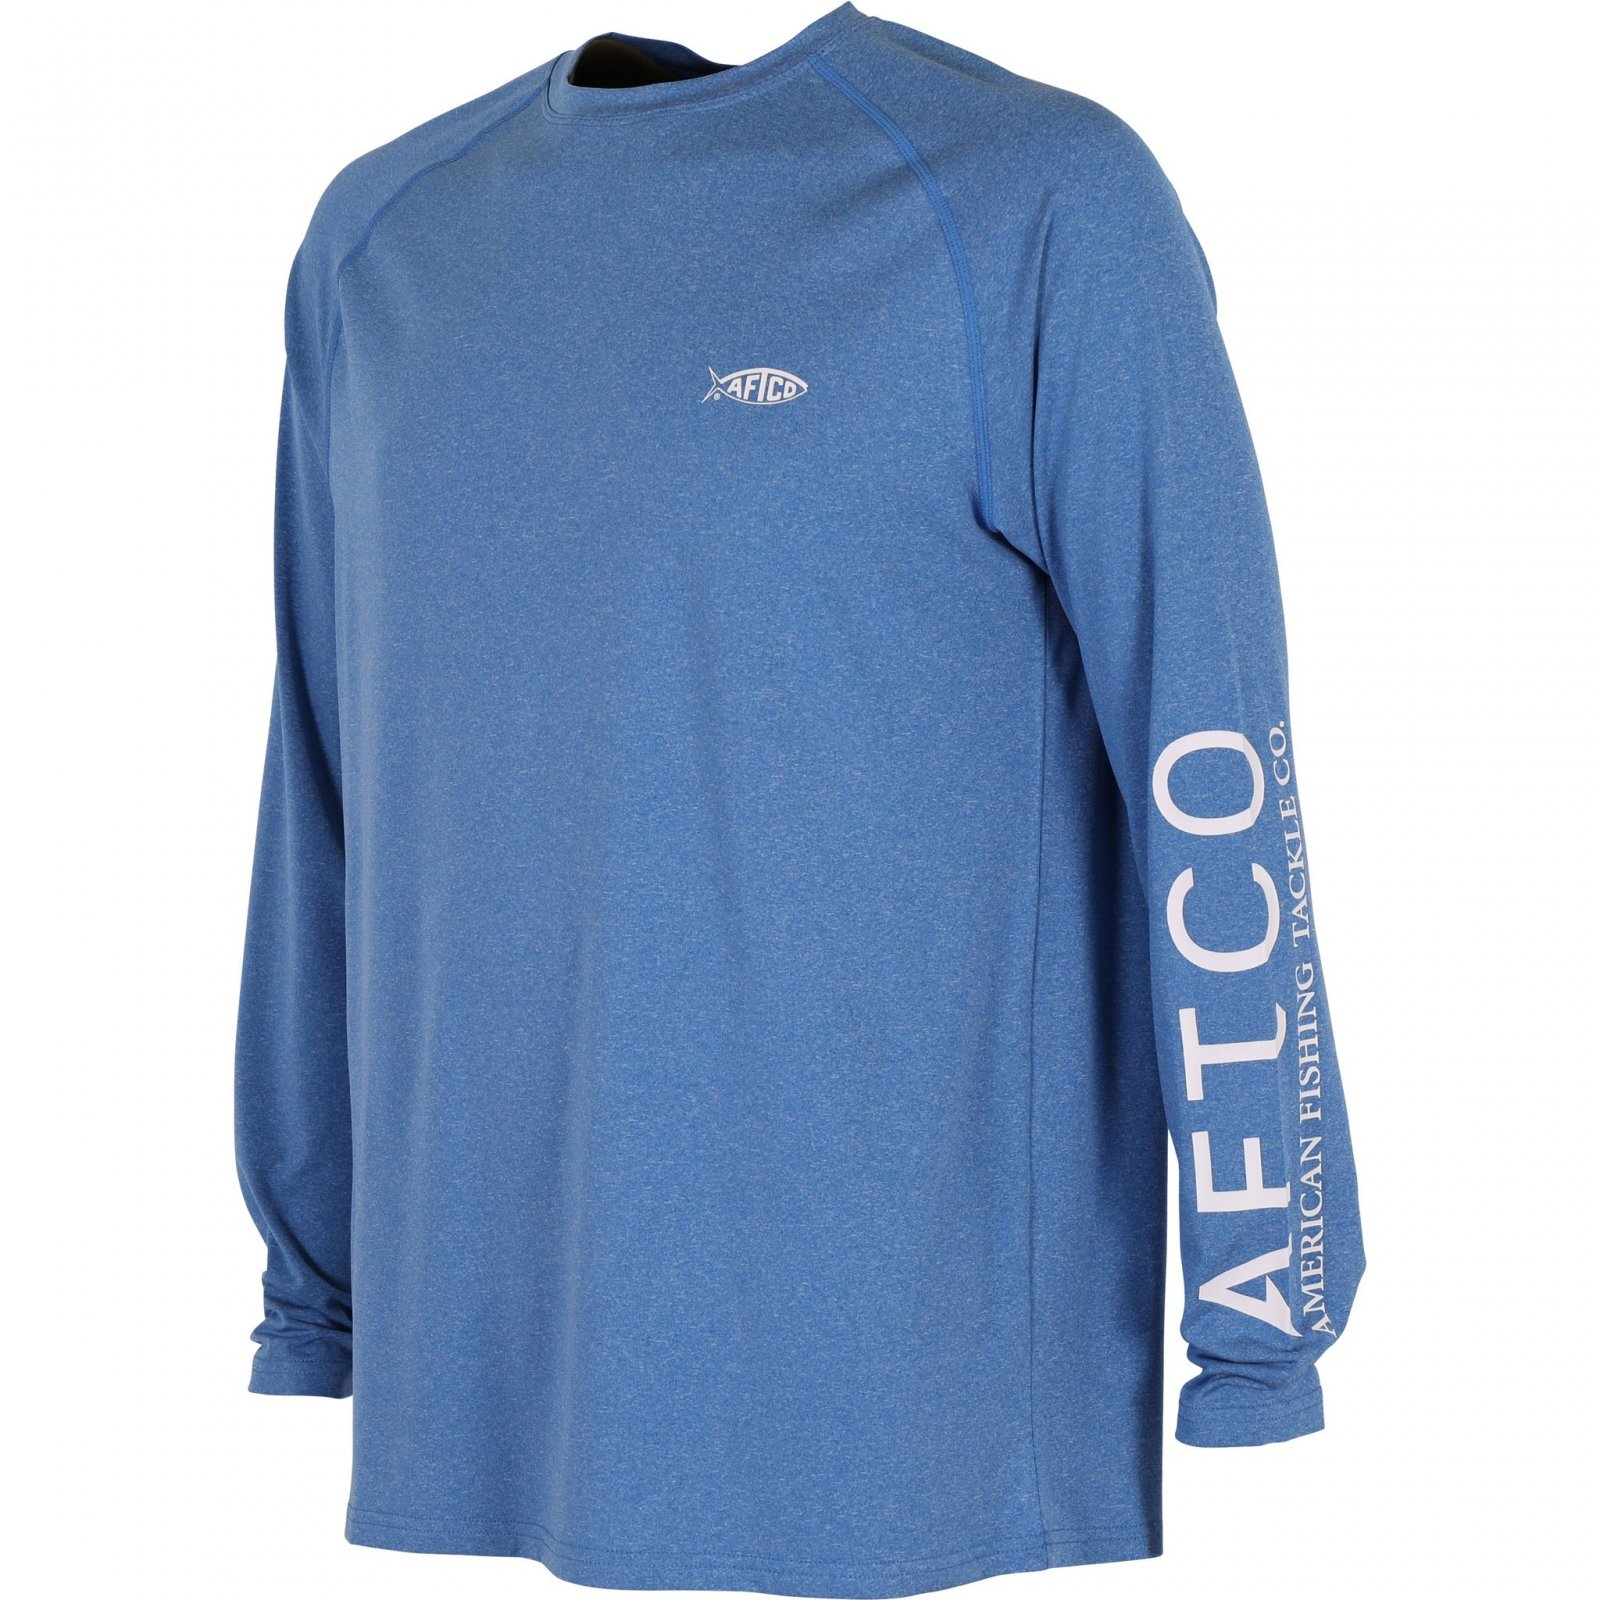 Aftco Samurai 2 Shirt